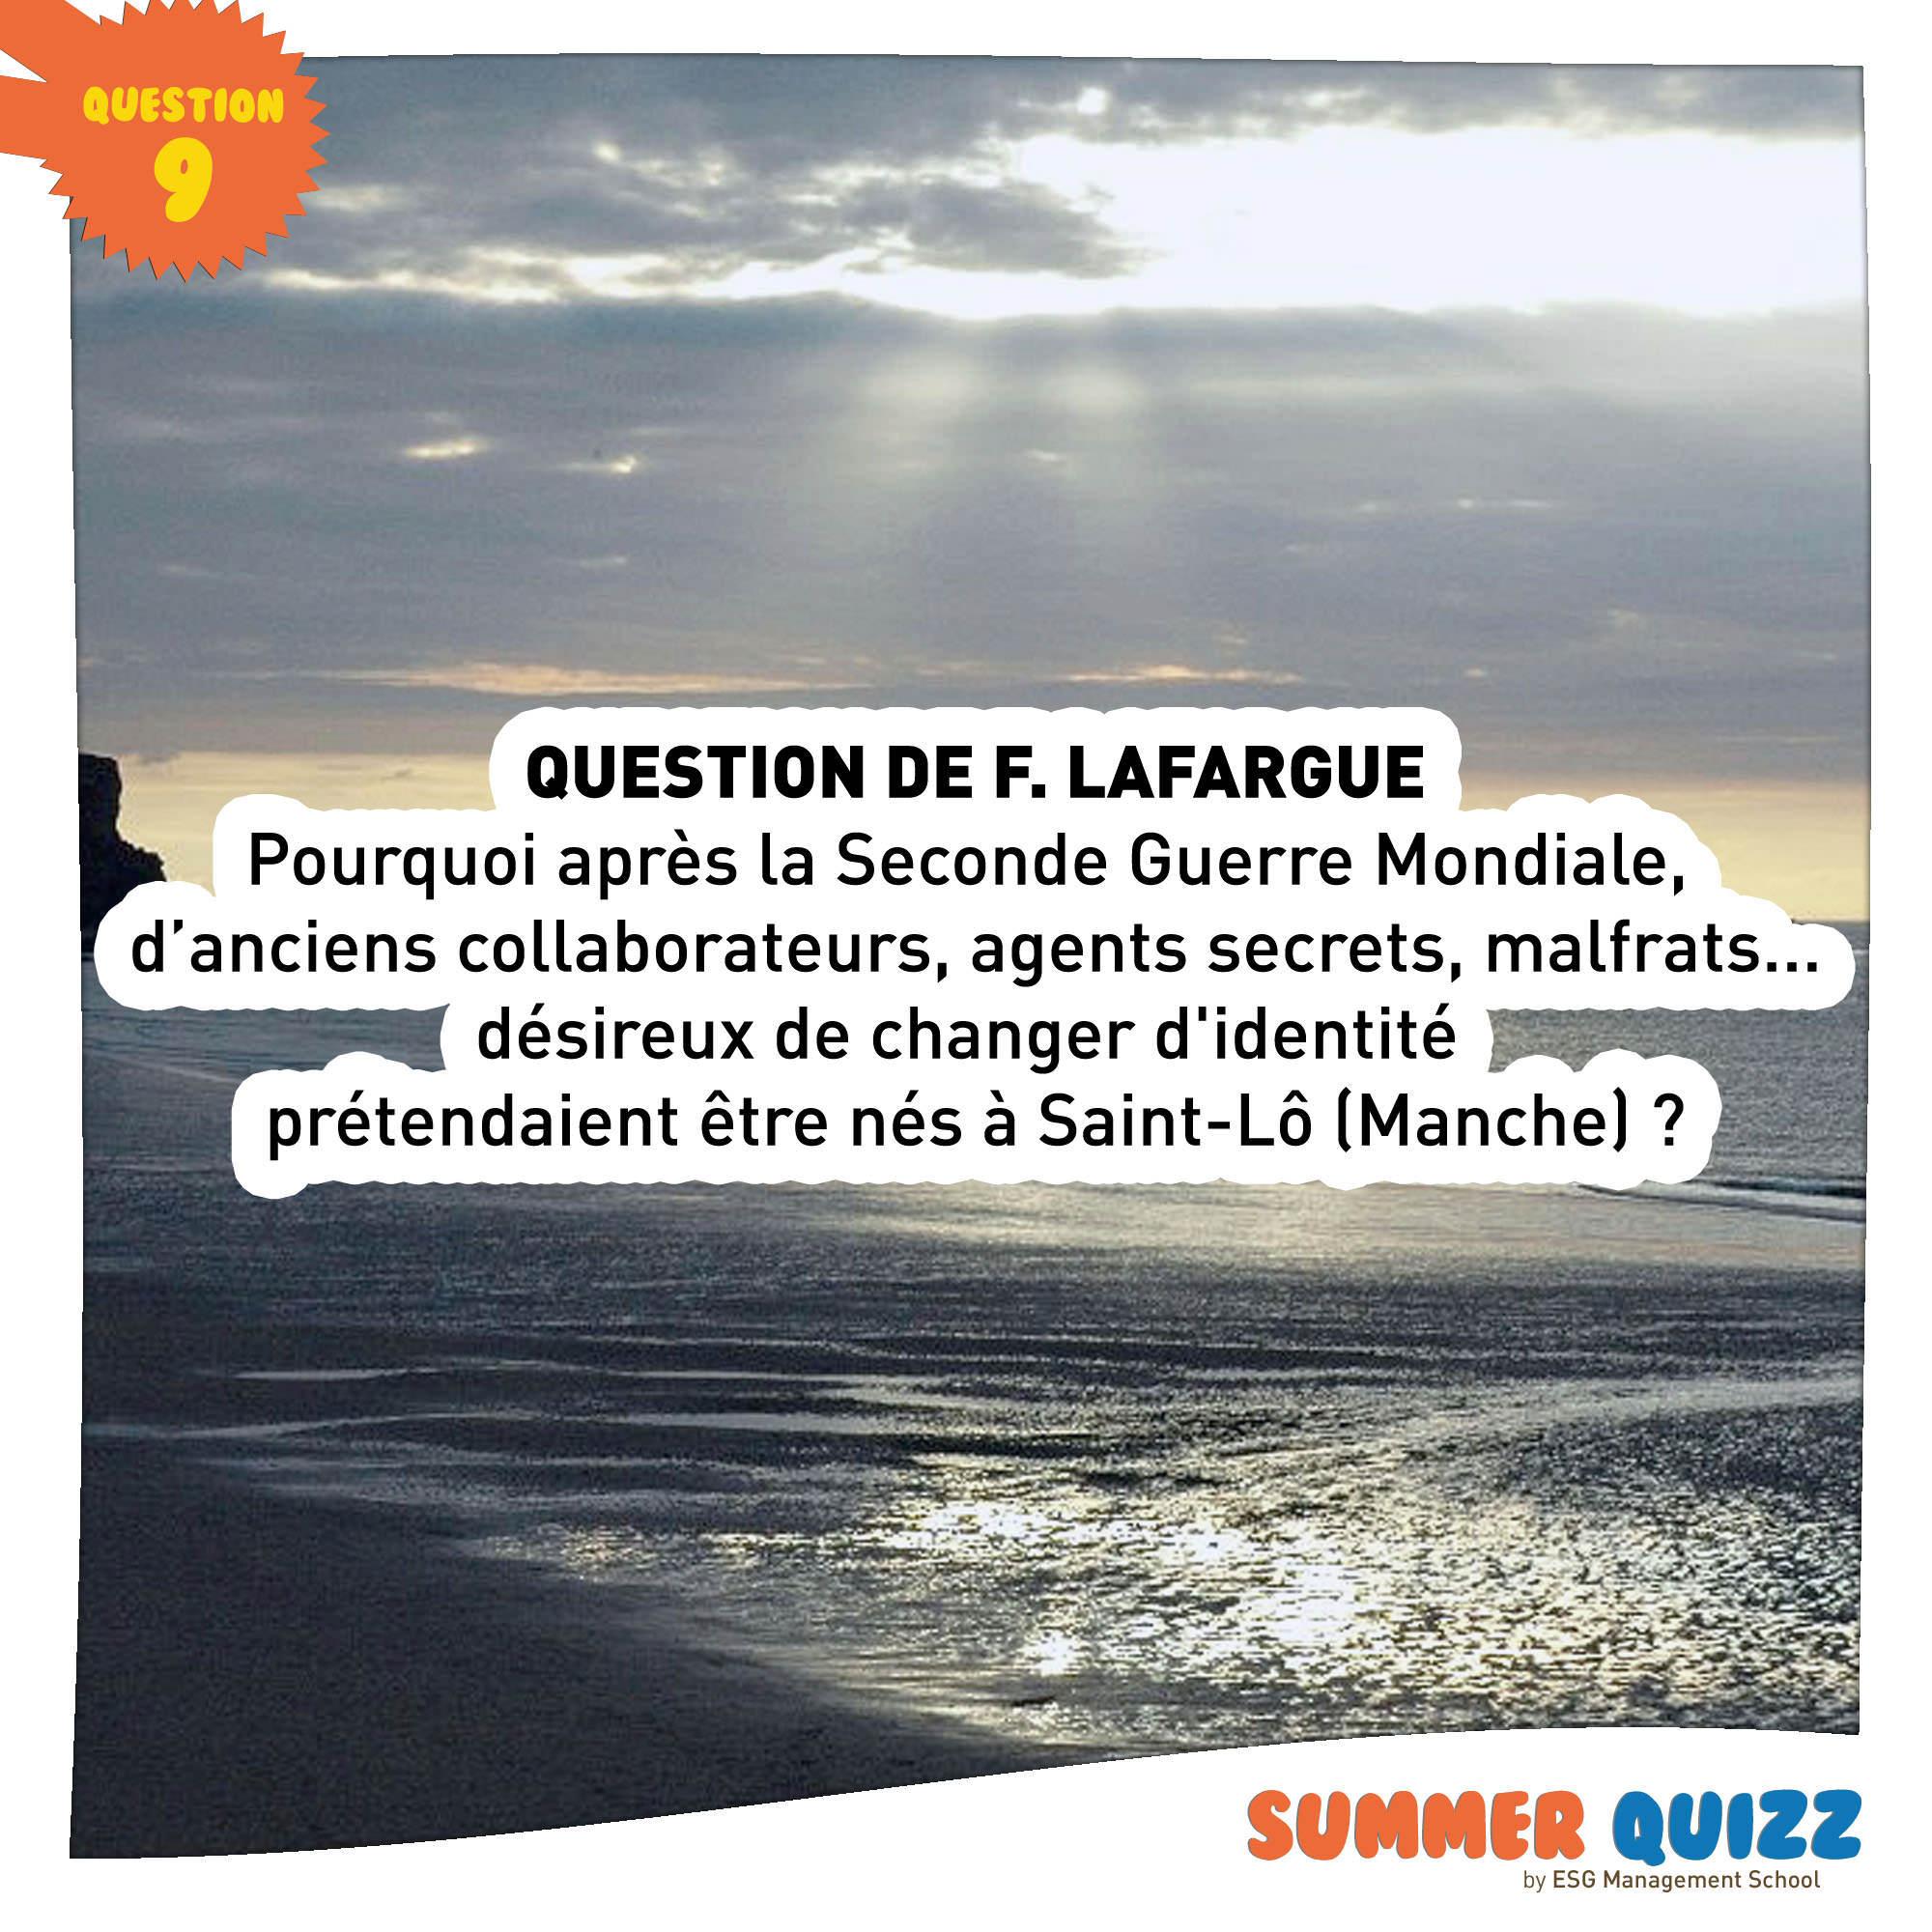 Summer Quizz #9 - Réponse et gagnant